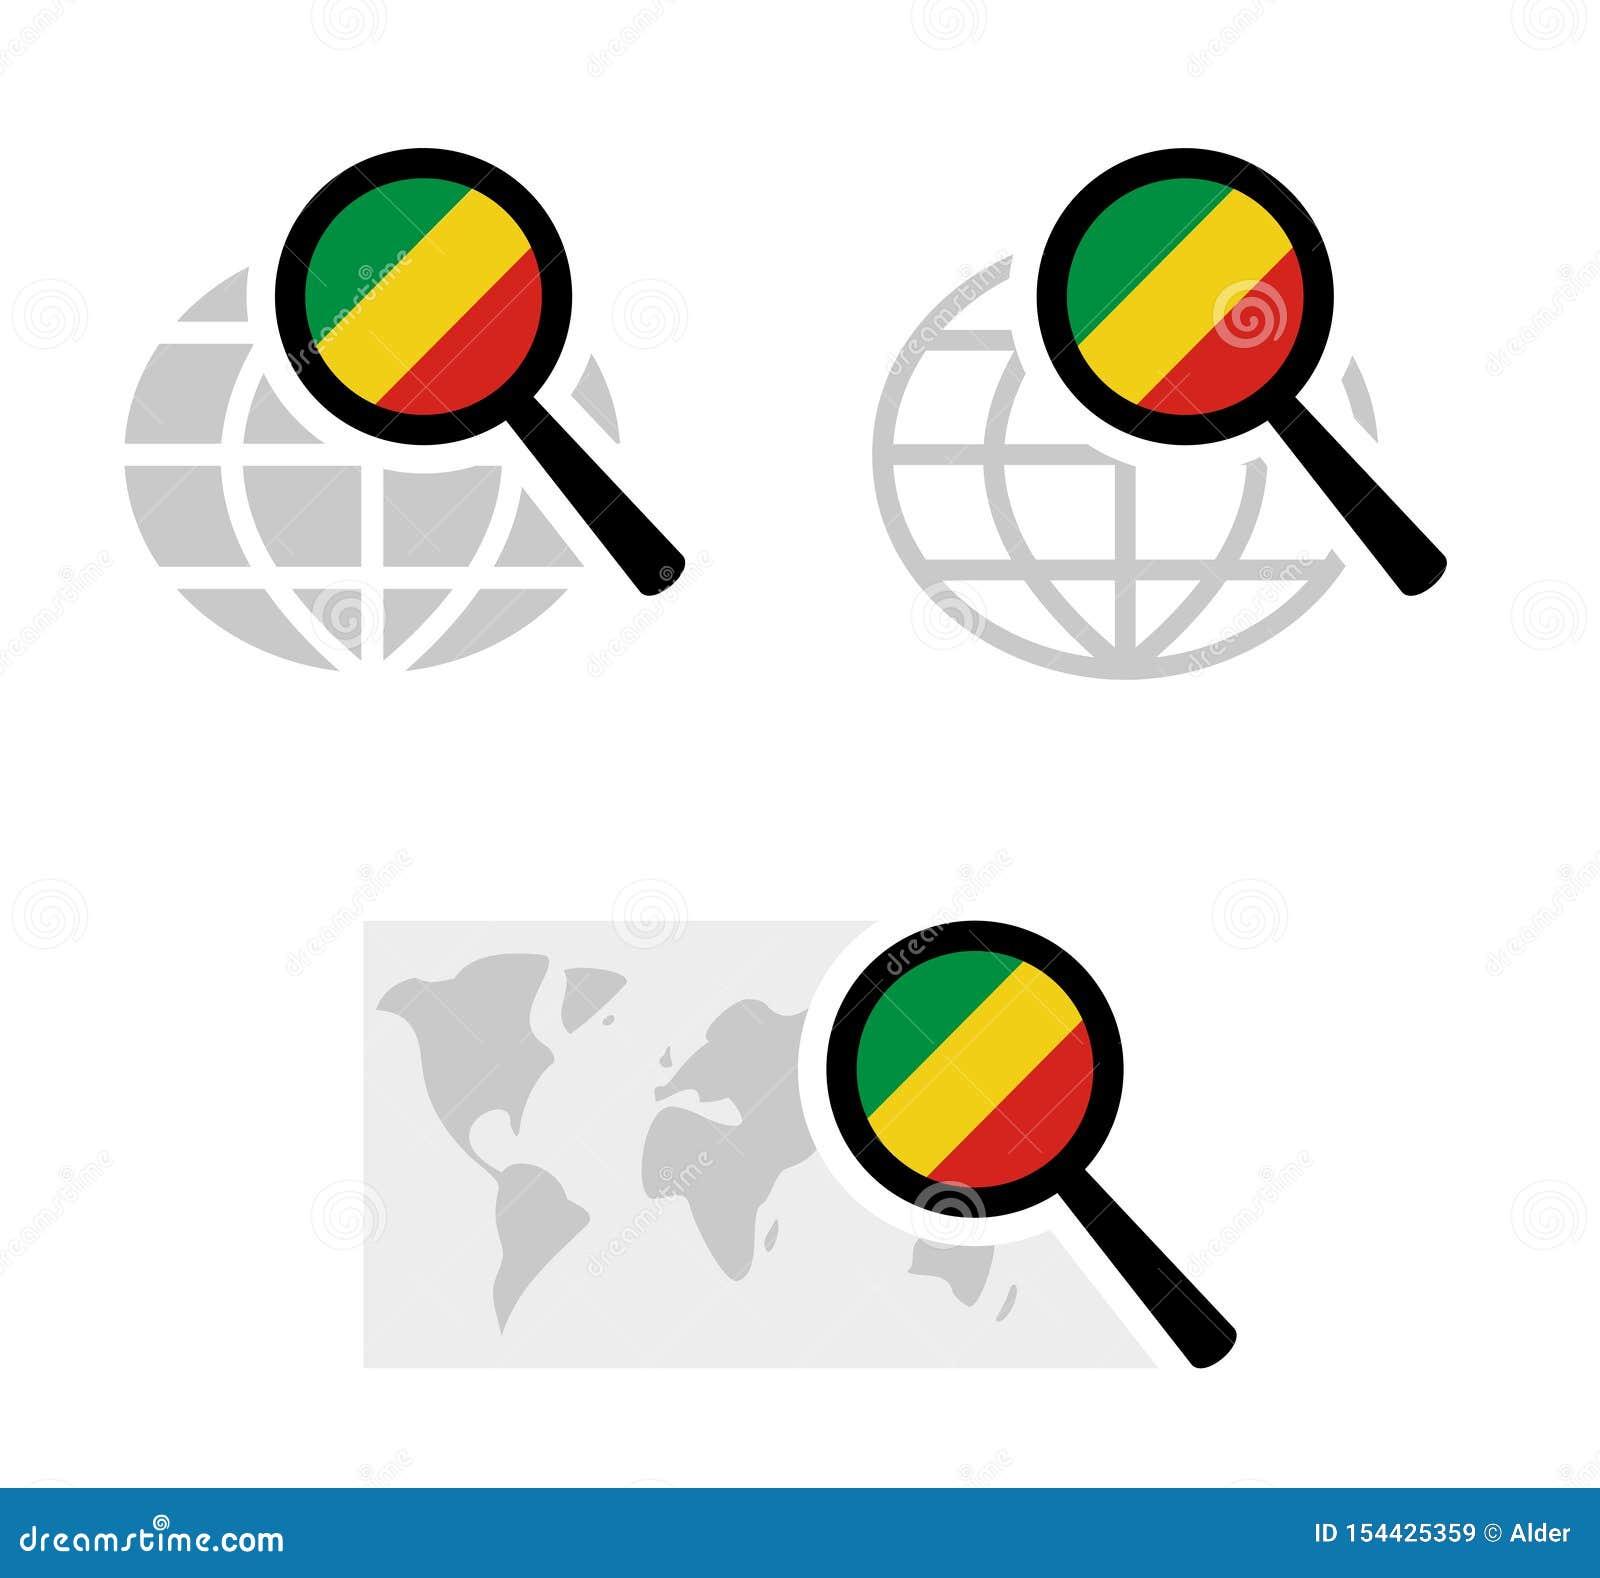 Εικονίδια αναζήτησης με την κογκολέζικη σημαία